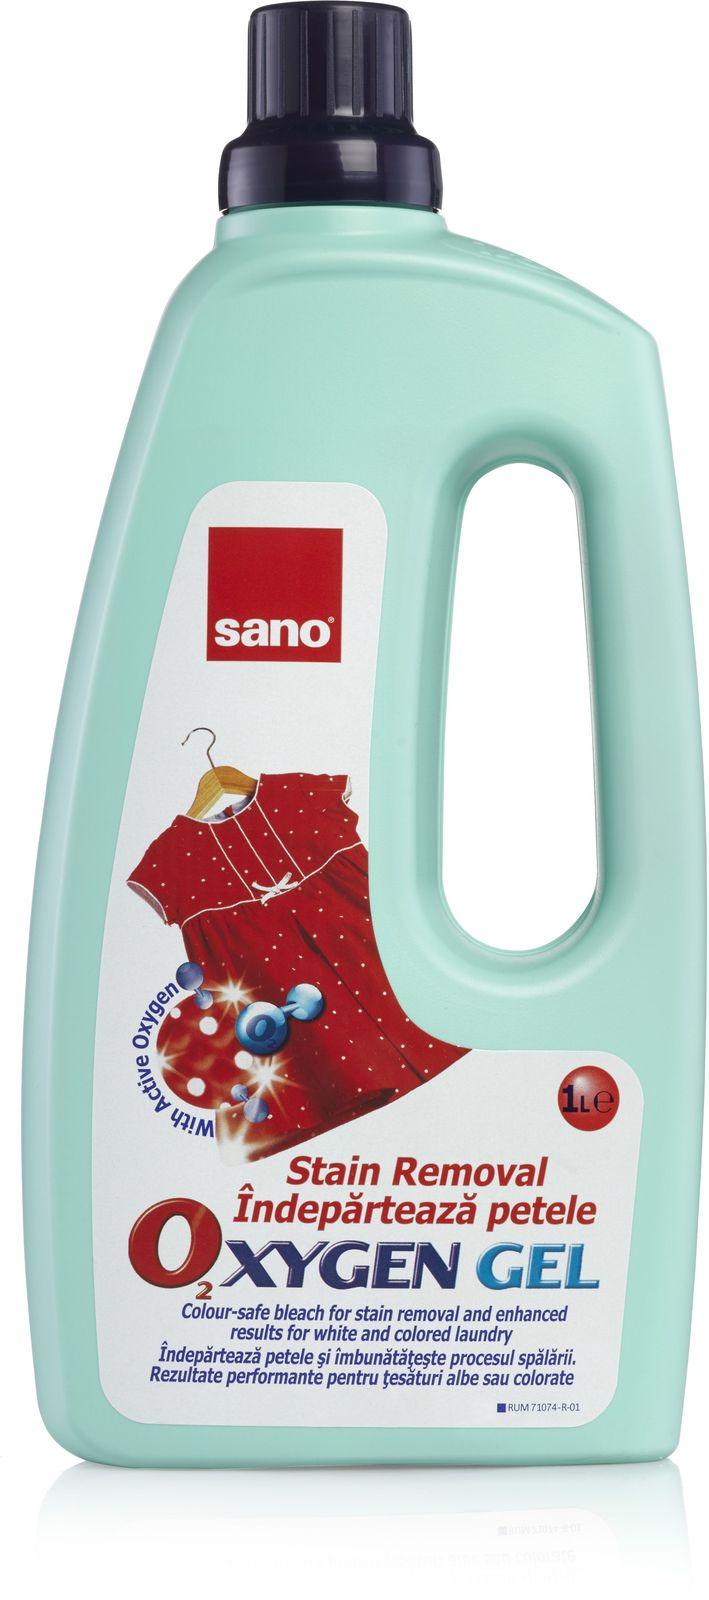 Гель-пятновыводитель для стирки Sano Oxygen, для белого и цветного белья, 1 л гель для стирки sano coldwater sensitive концентрированный 2 л